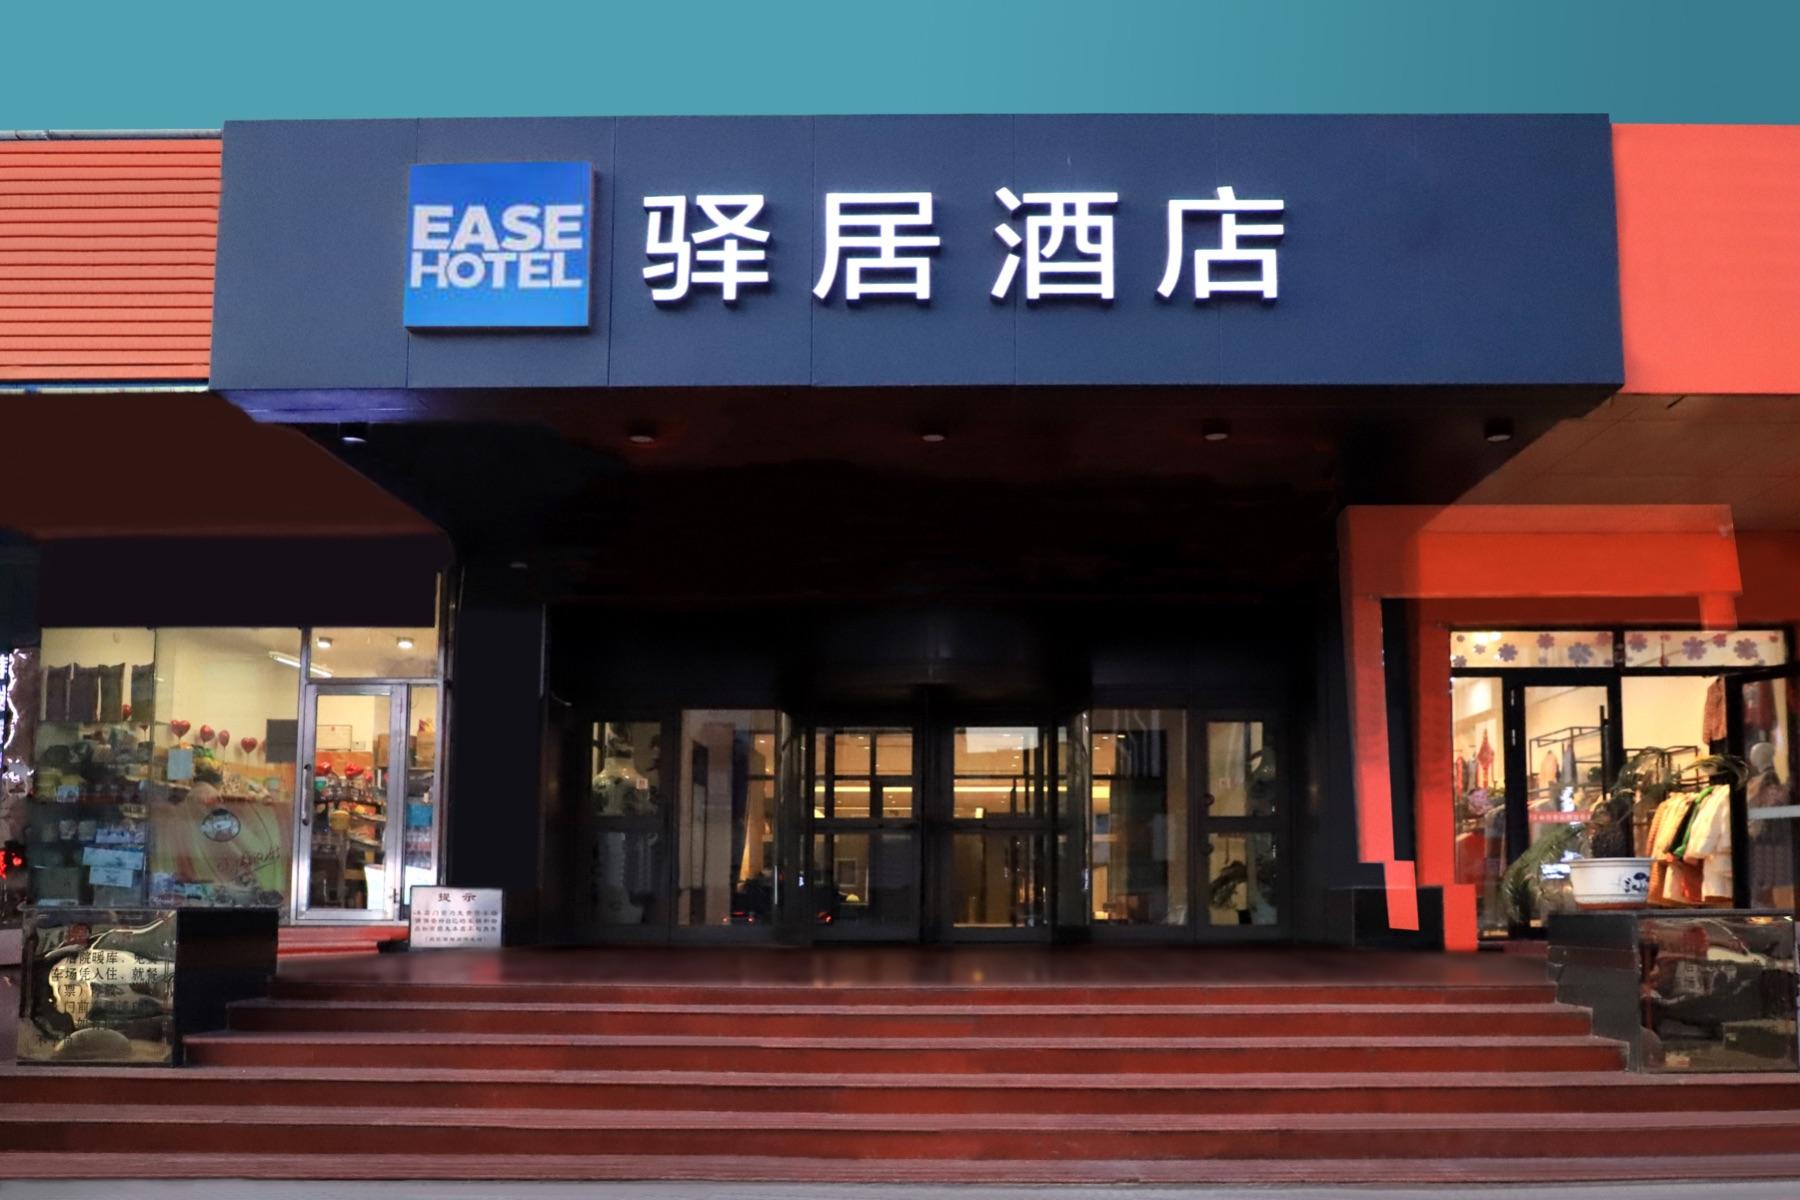 驿居(蓝牌)酒店-齐齐哈尔大商新玛特龙华路店